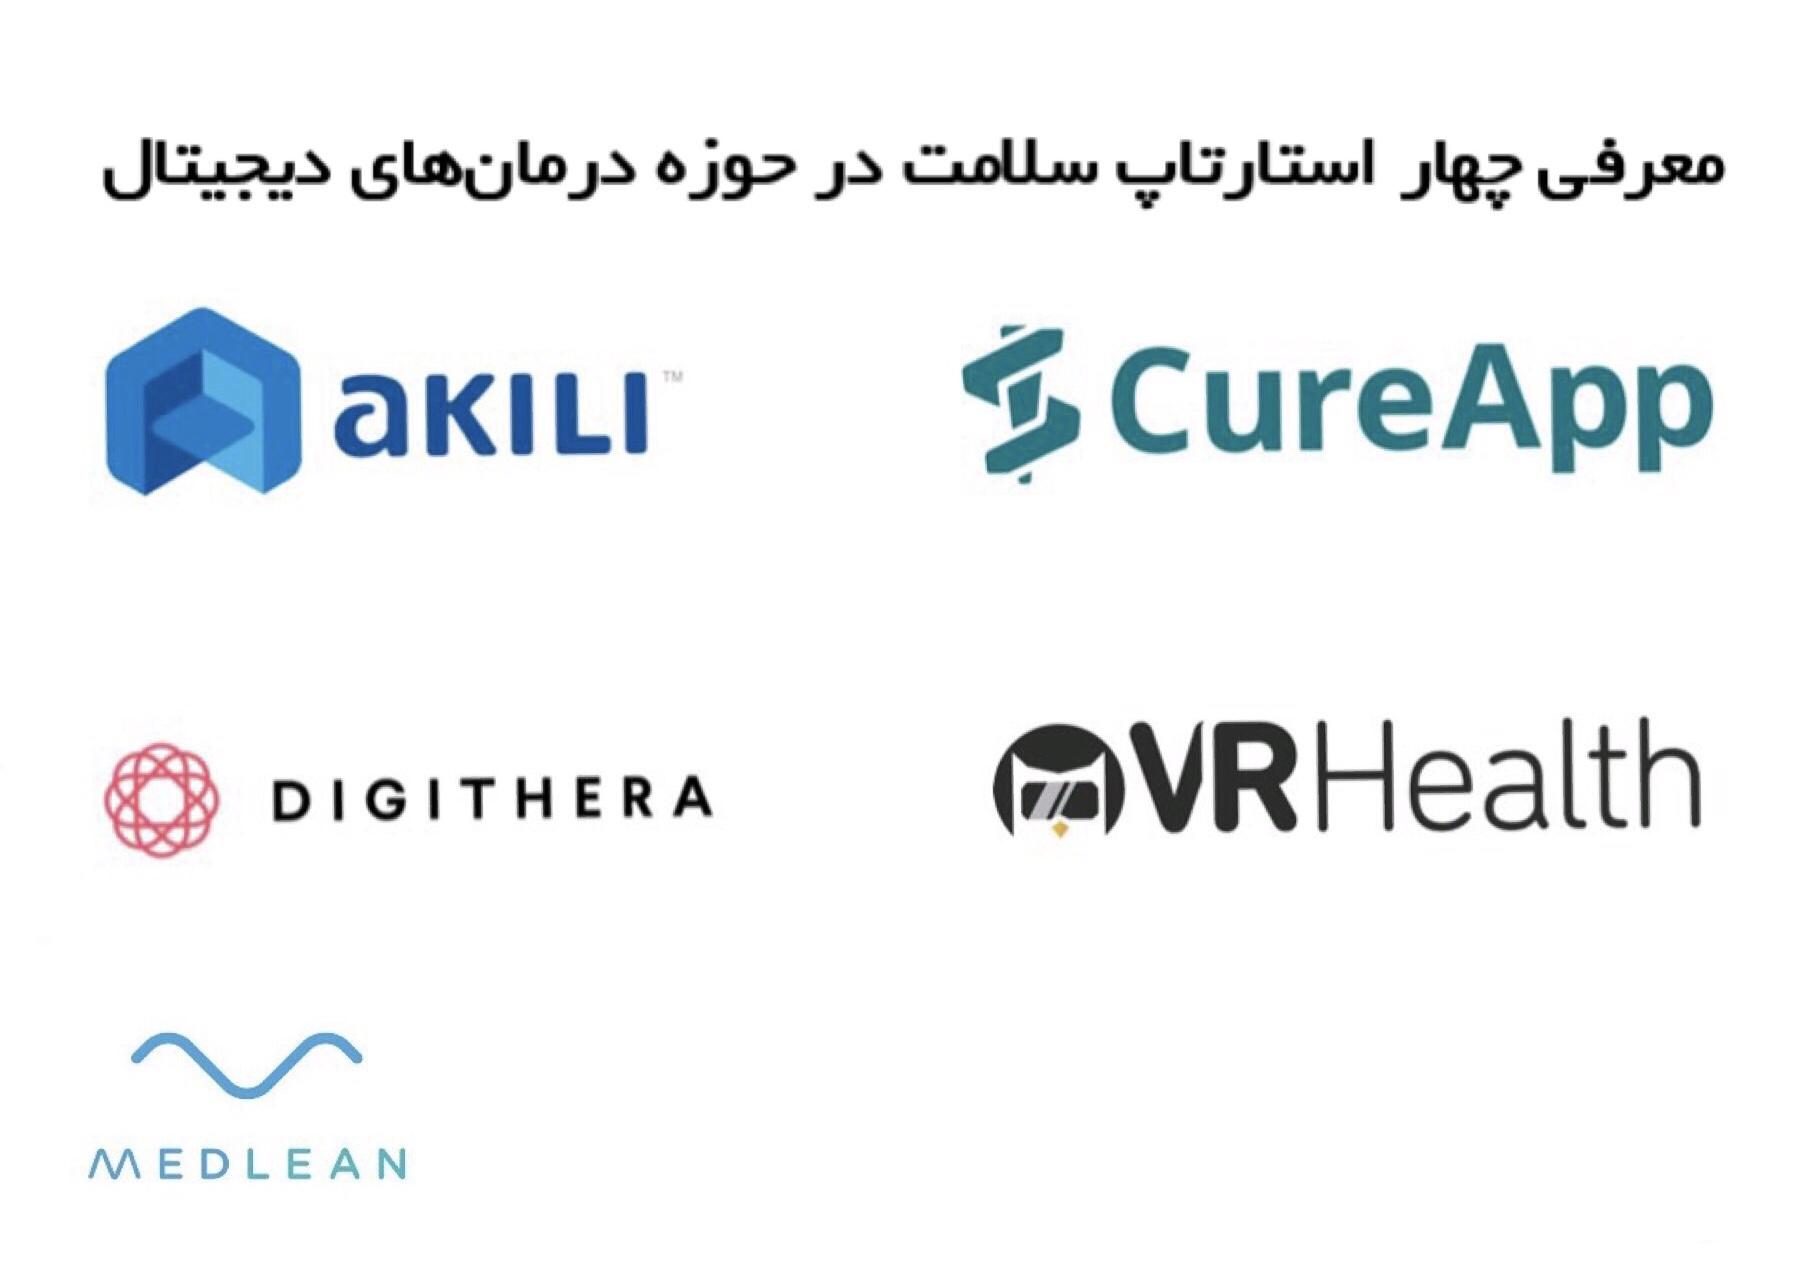 معرفی چهار استارتاپ در حوزه درمانهای دیجیتالی